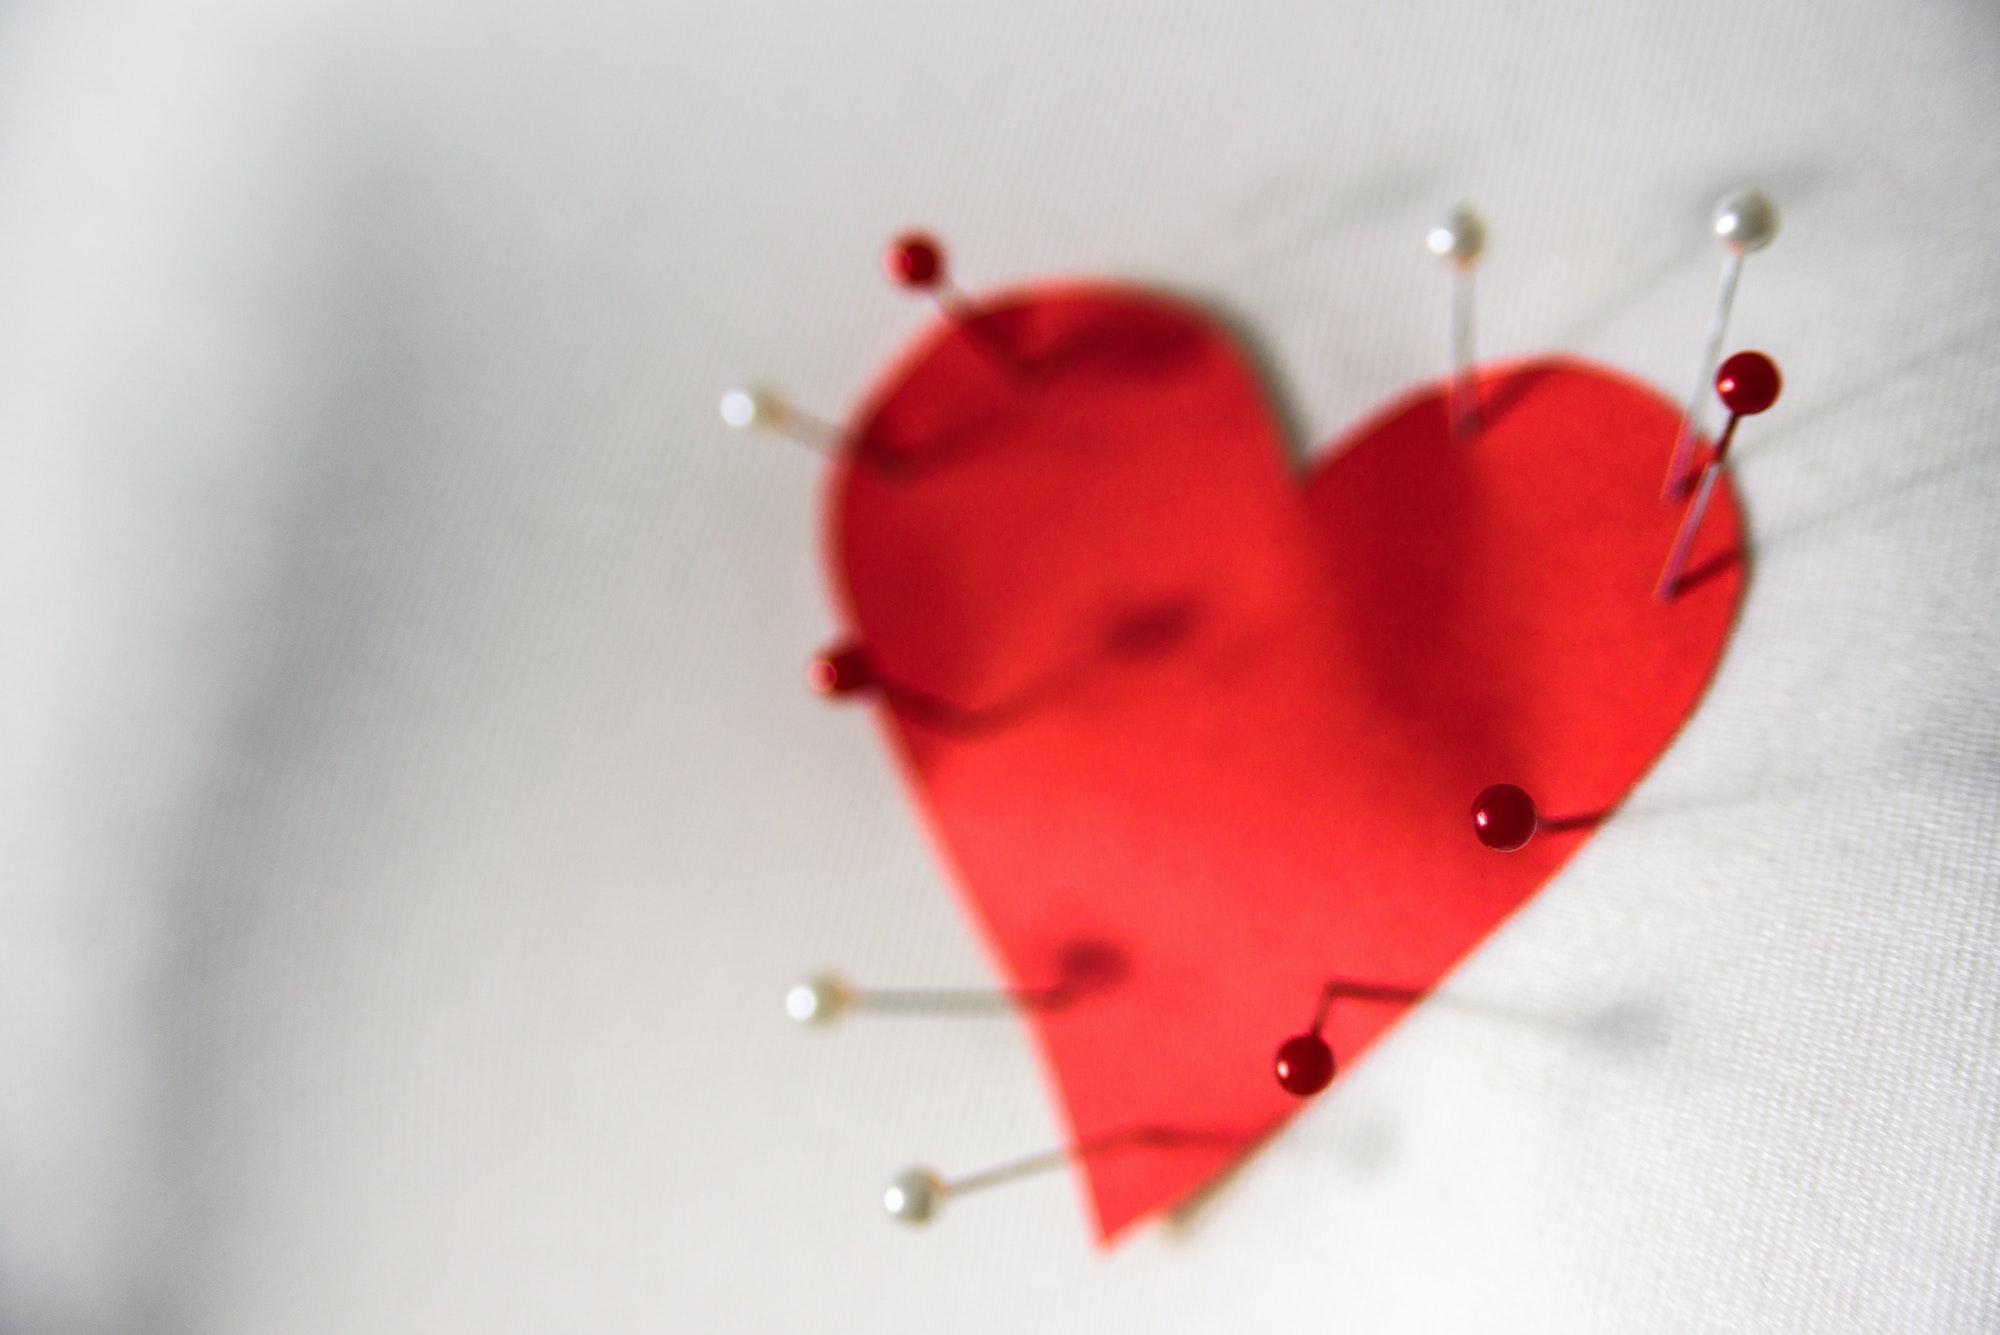 """coeur en papier percé d'épingles pour symboliser 'jouer avec les sentiments"""""""